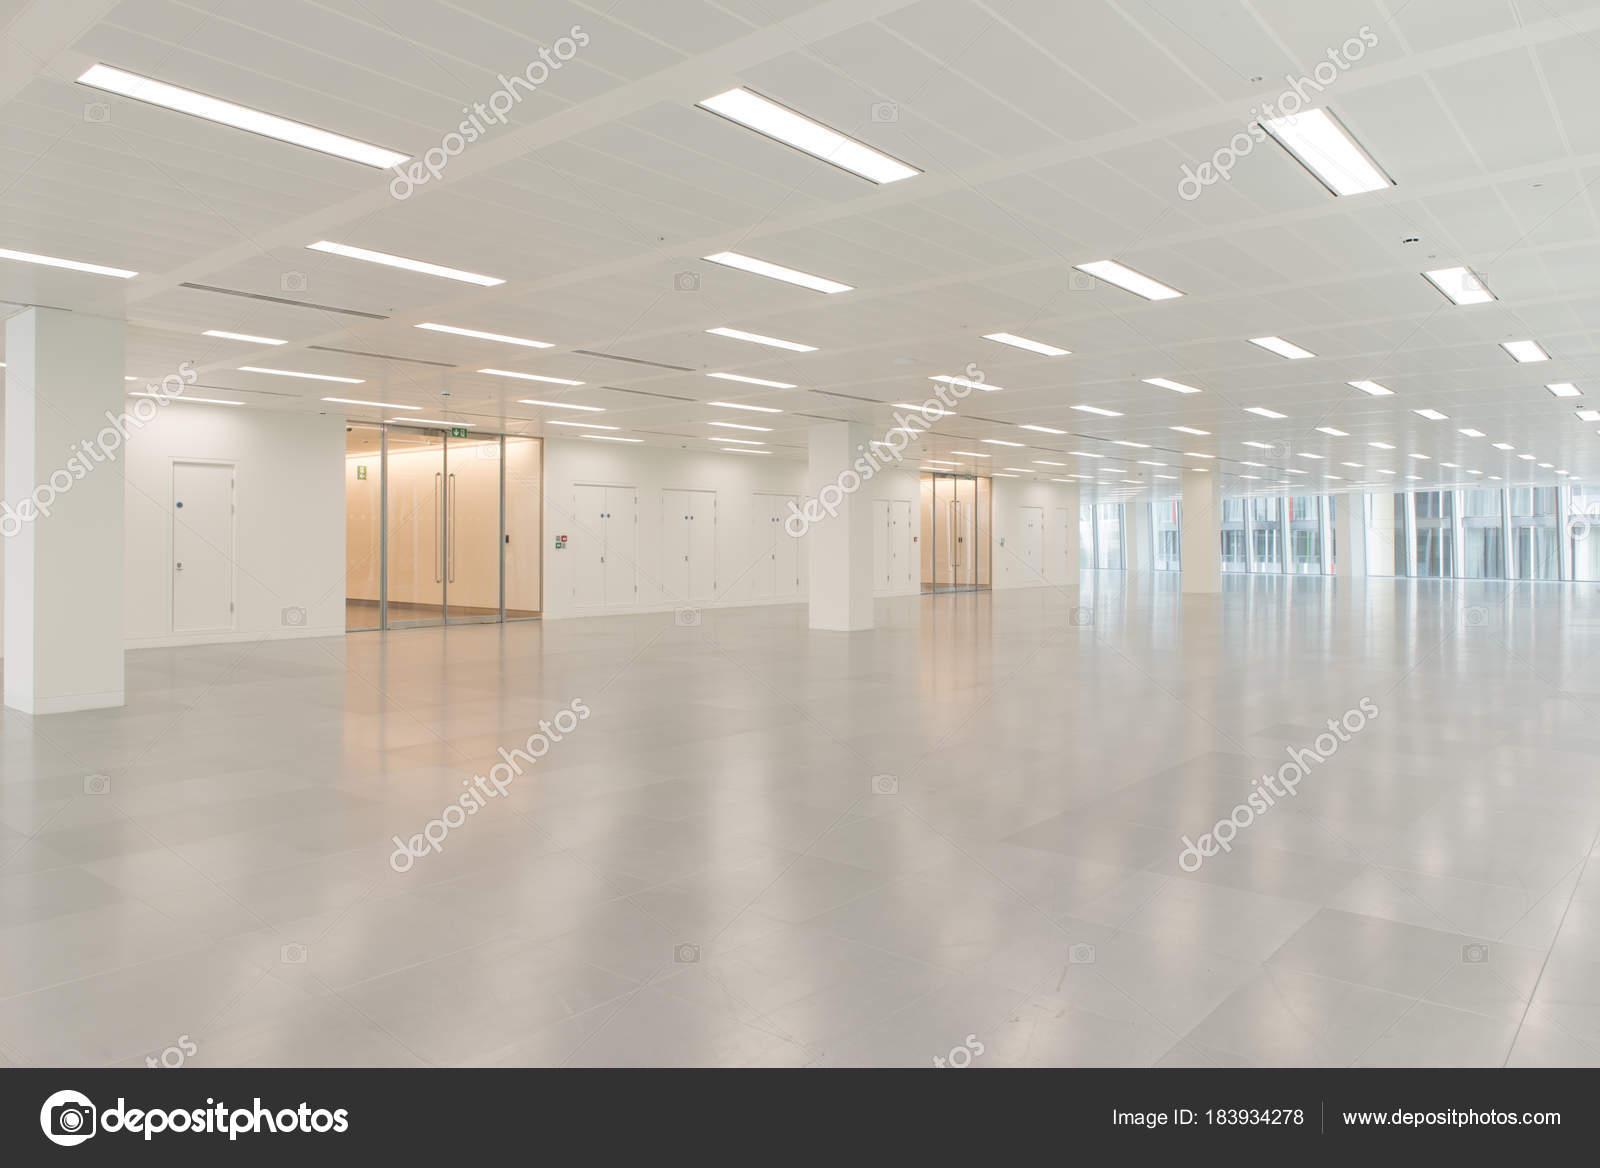 Edificio per uffici enorme vuoto interiore con illuminazione